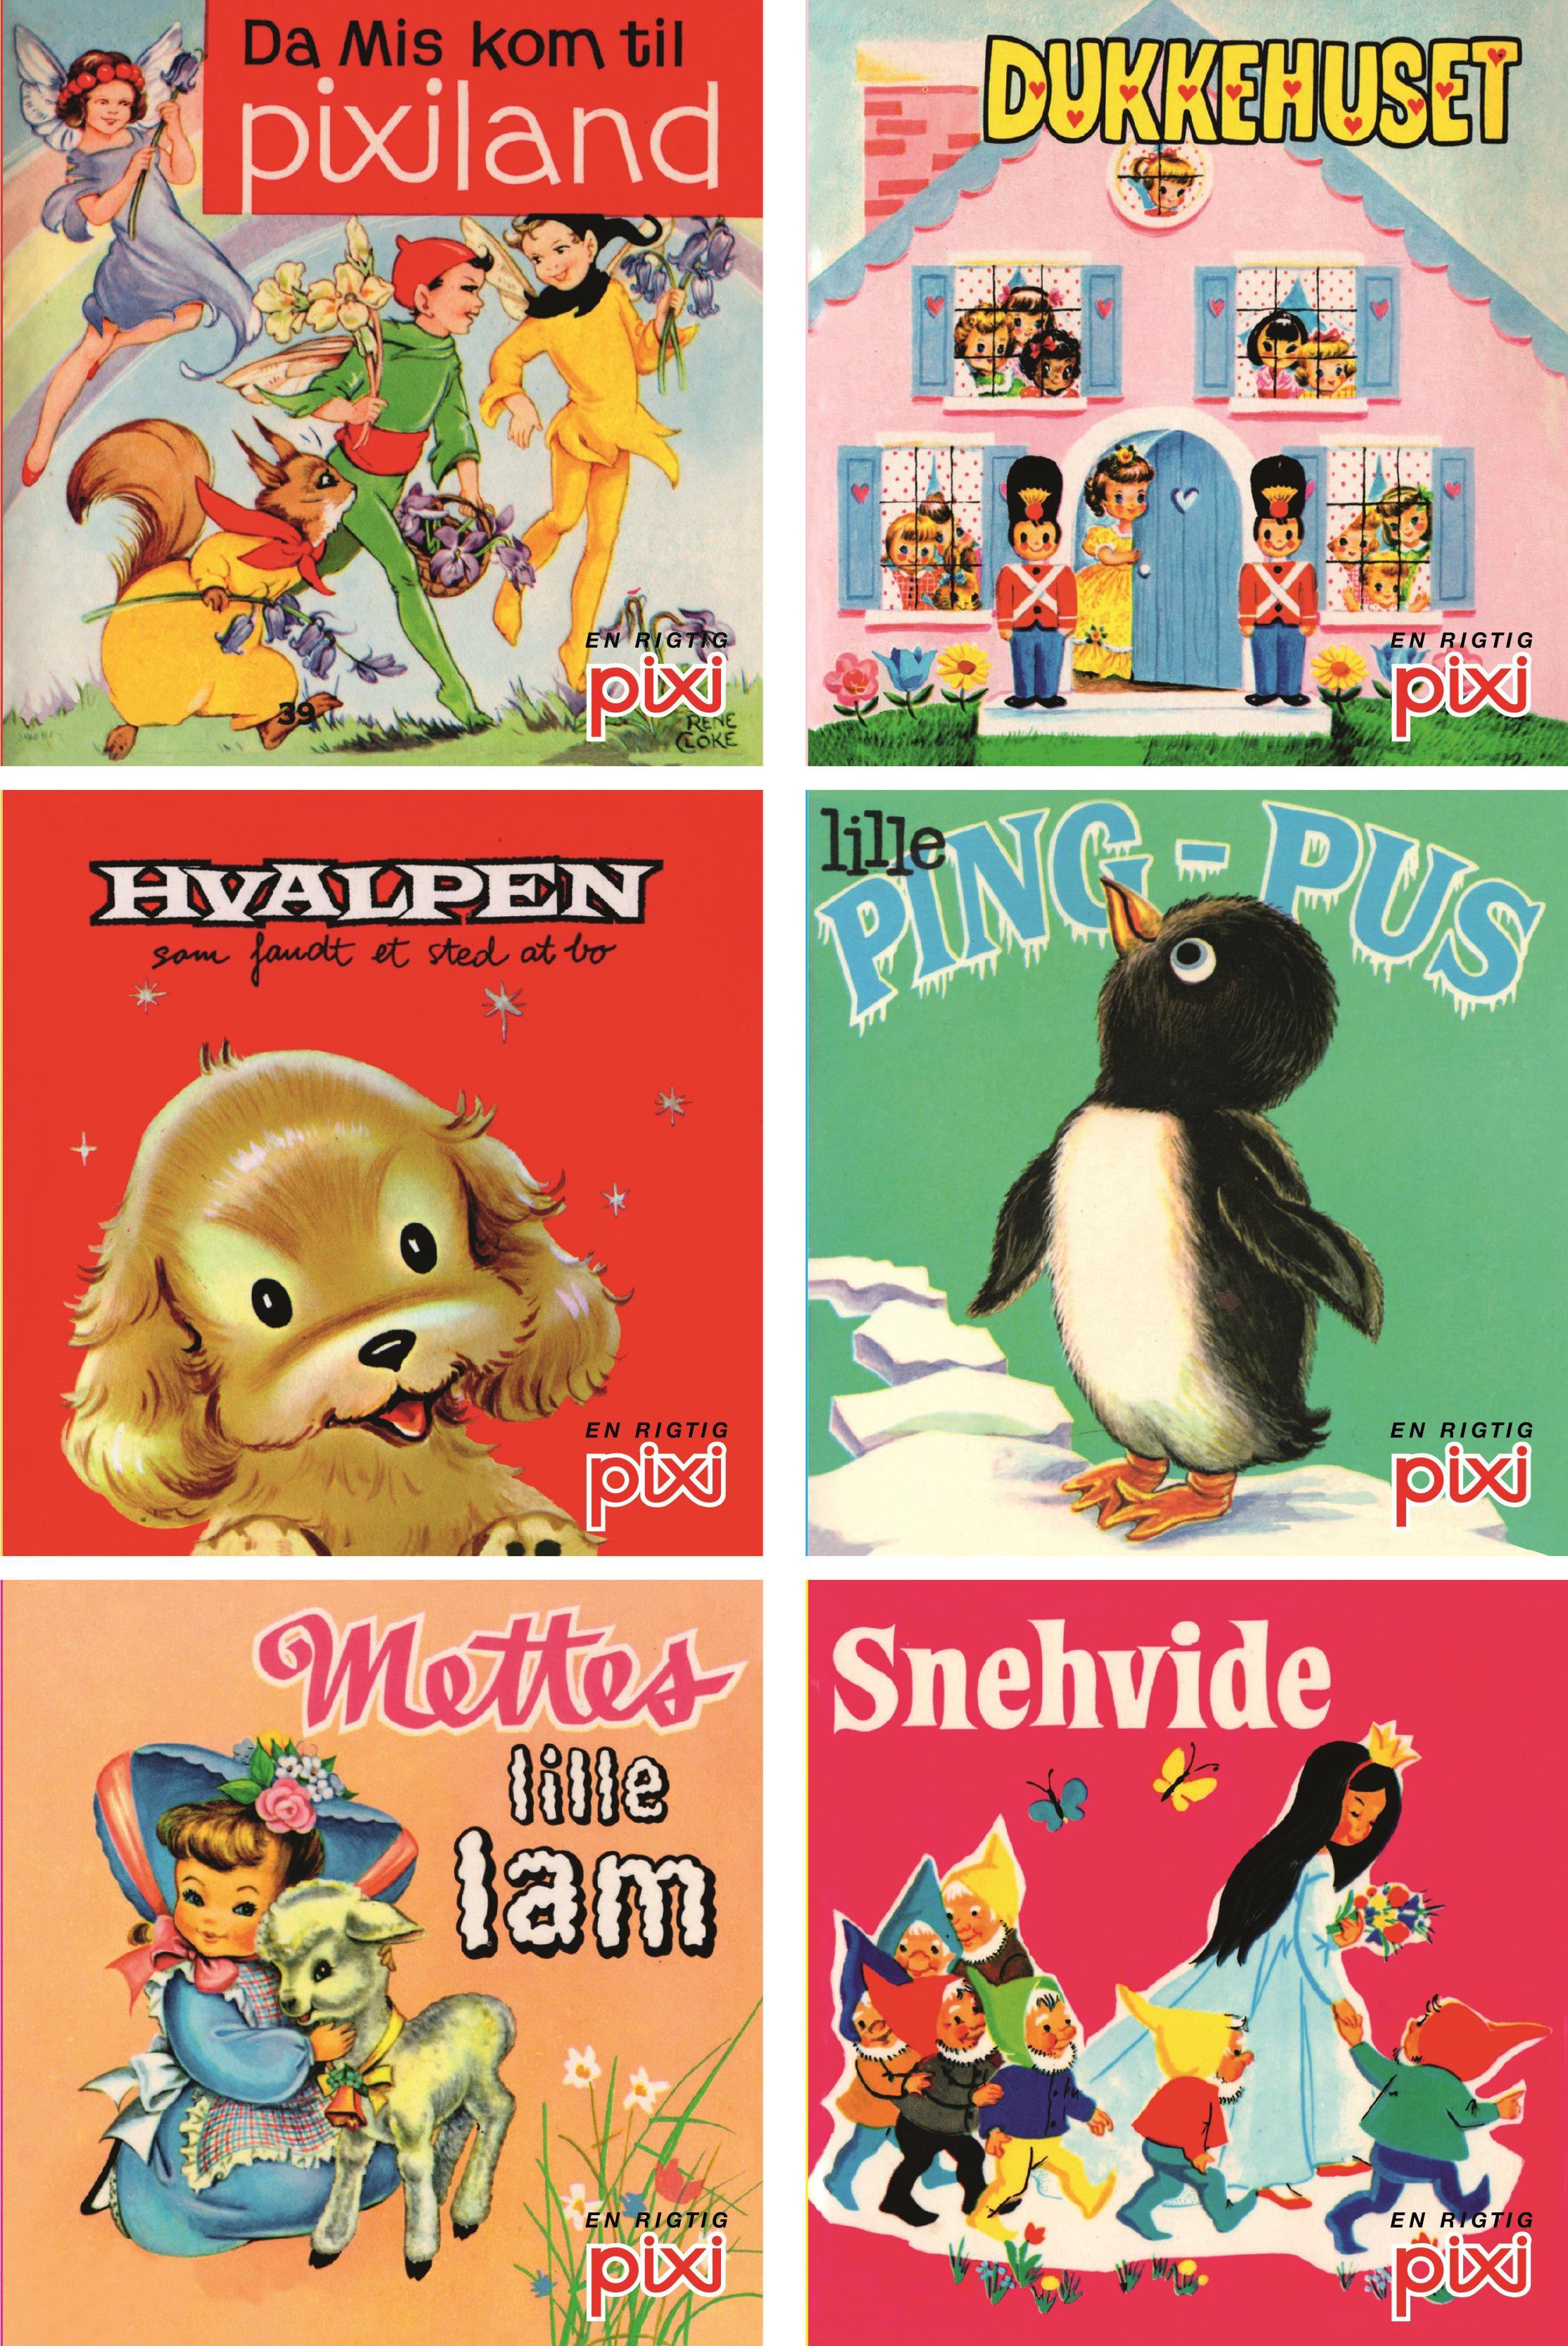 Pixi nostalgi, pixi, pixi-bog, pixi-bøger, nostalgi, børnebøger, forlaget carlsen, carlsen, børnebog